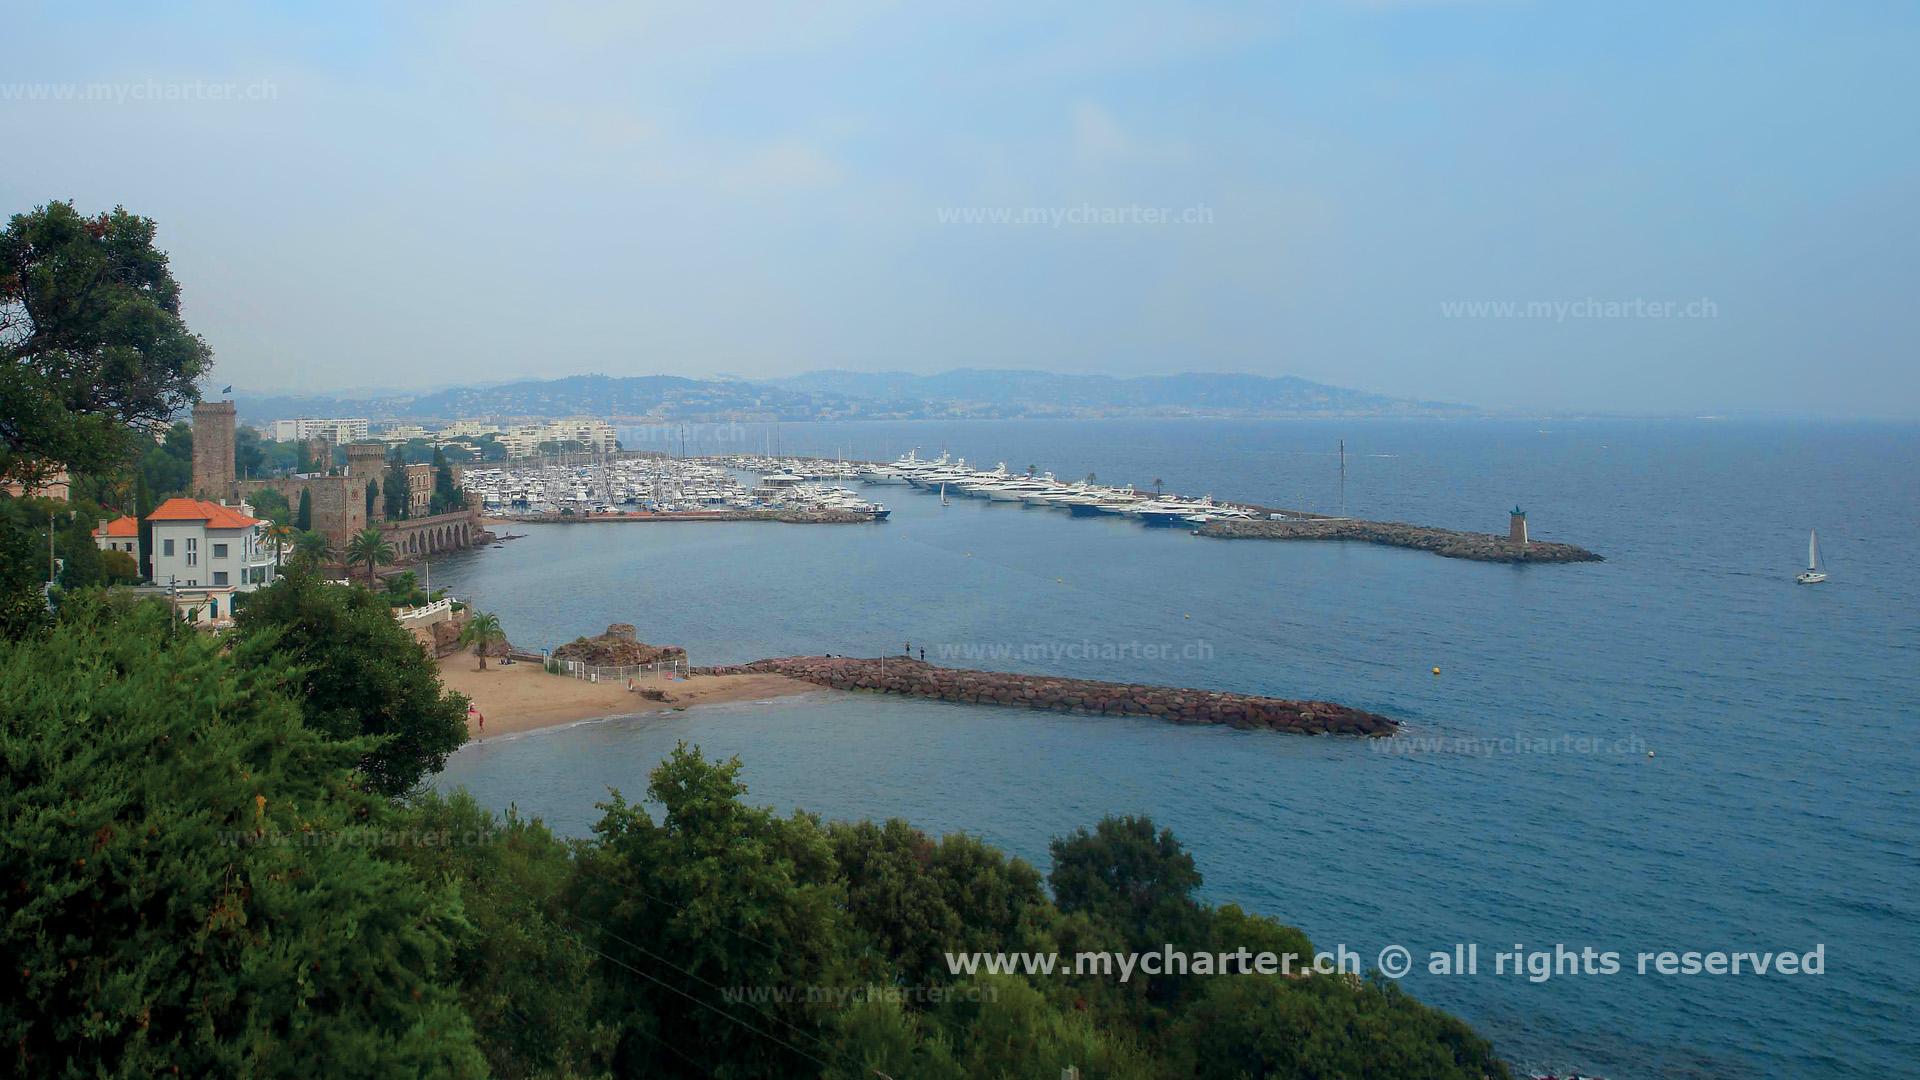 Côte d'Azur - Mandelieu la Napoule